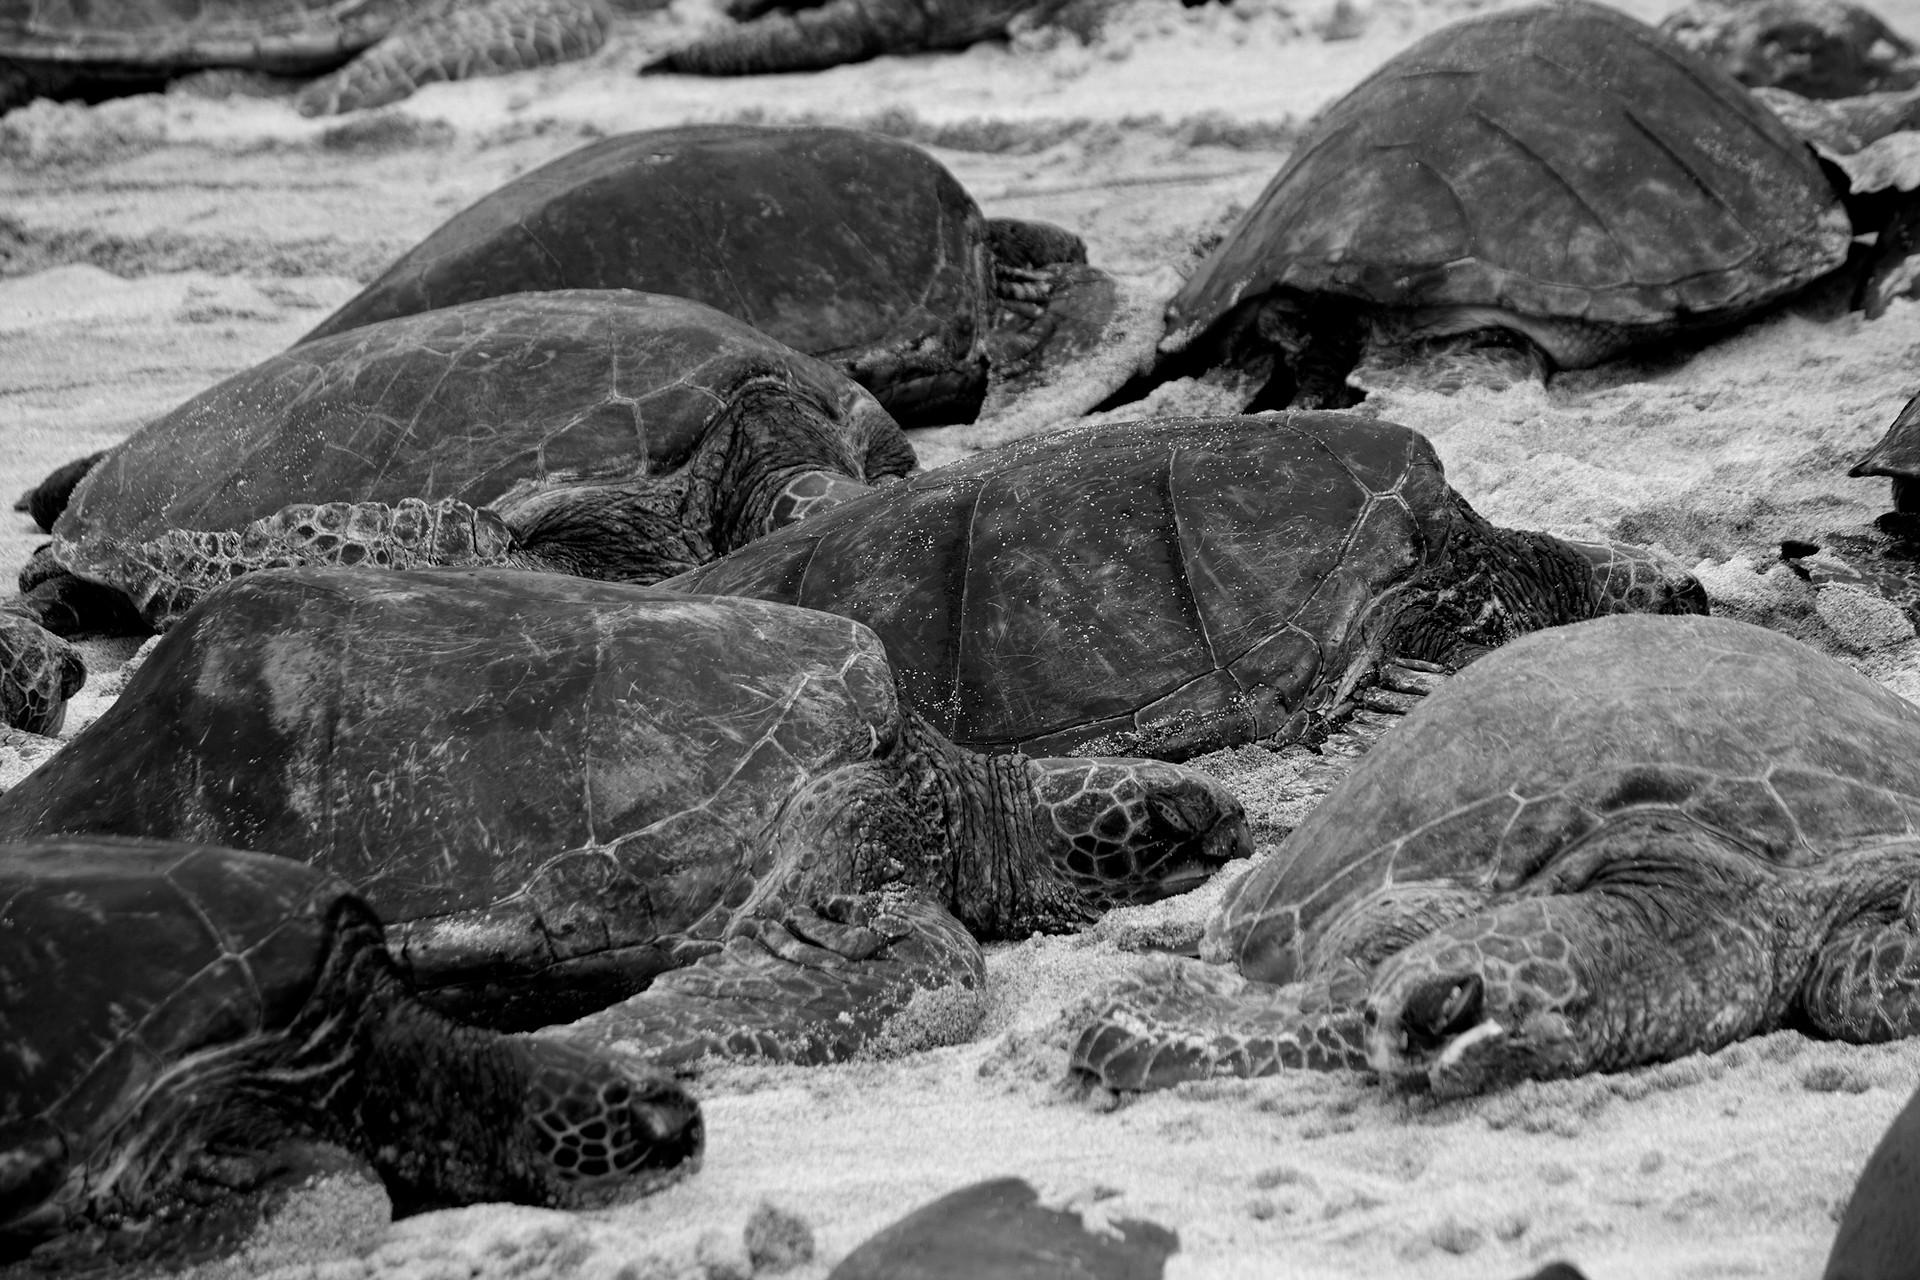 maui_turtles_3_1.jpg